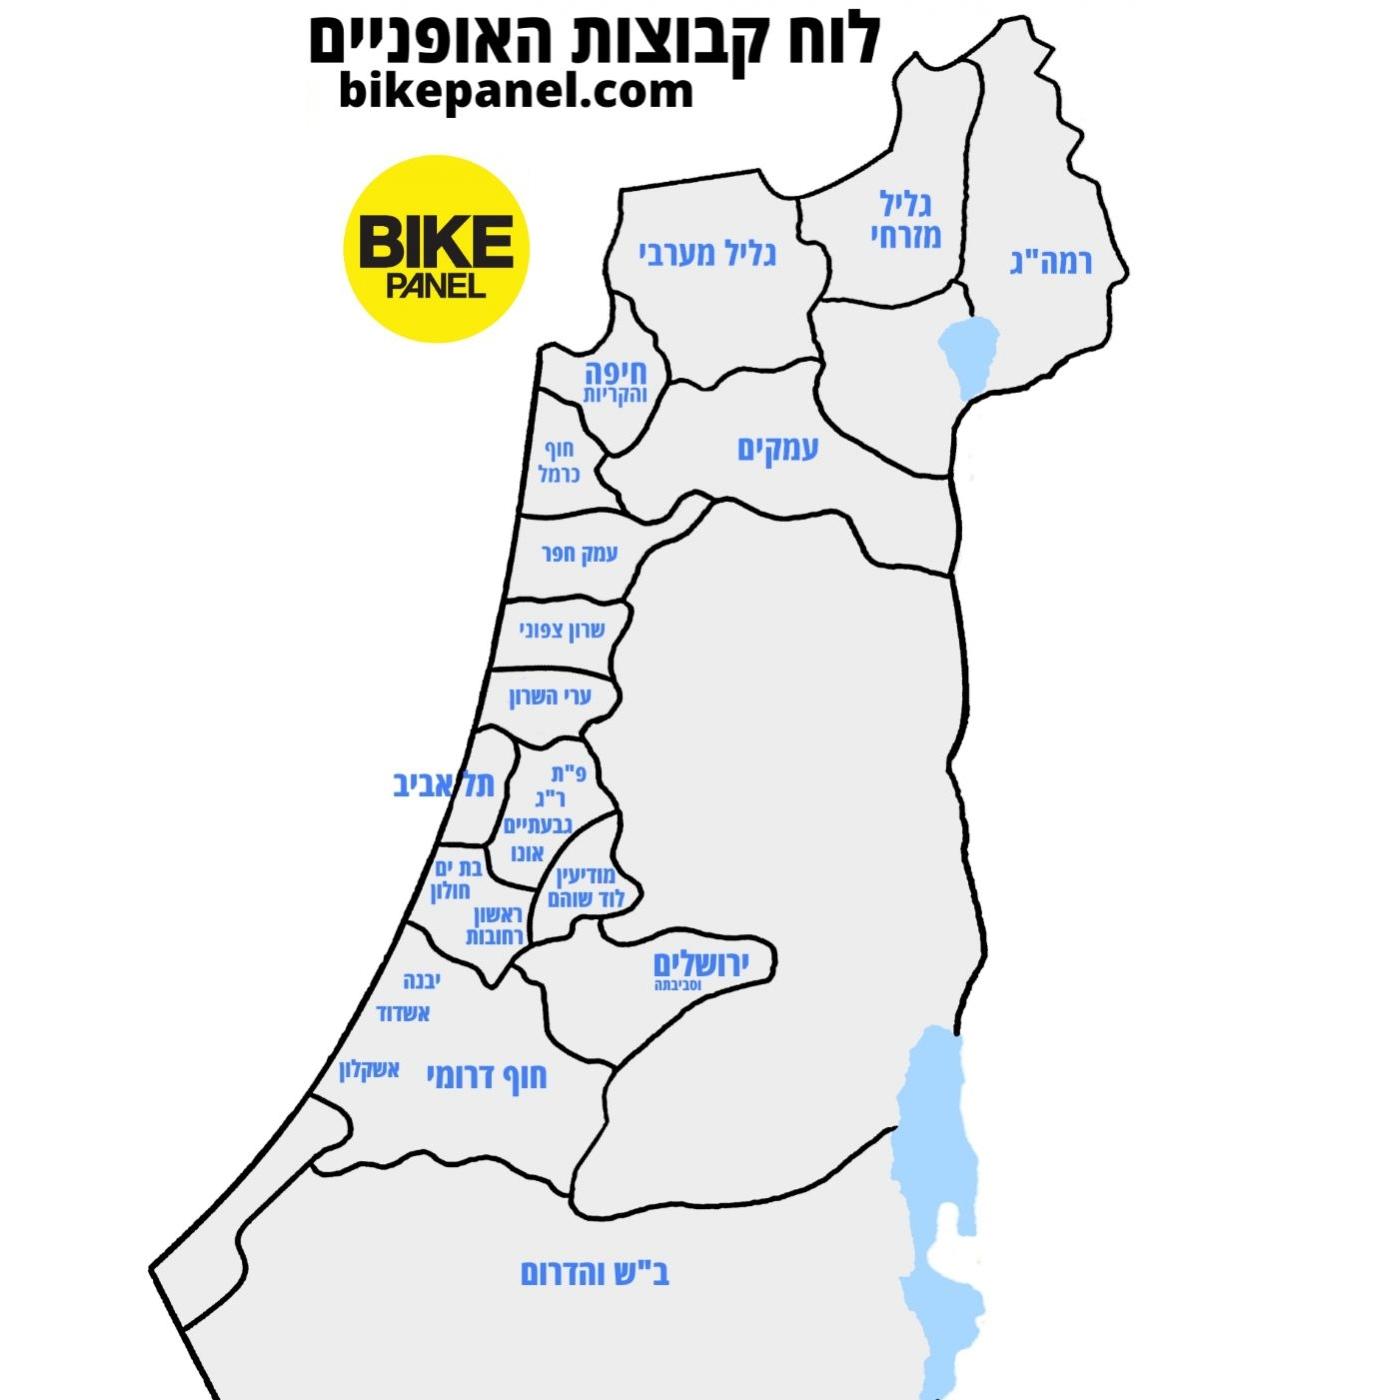 לוח קבוצות האופניים